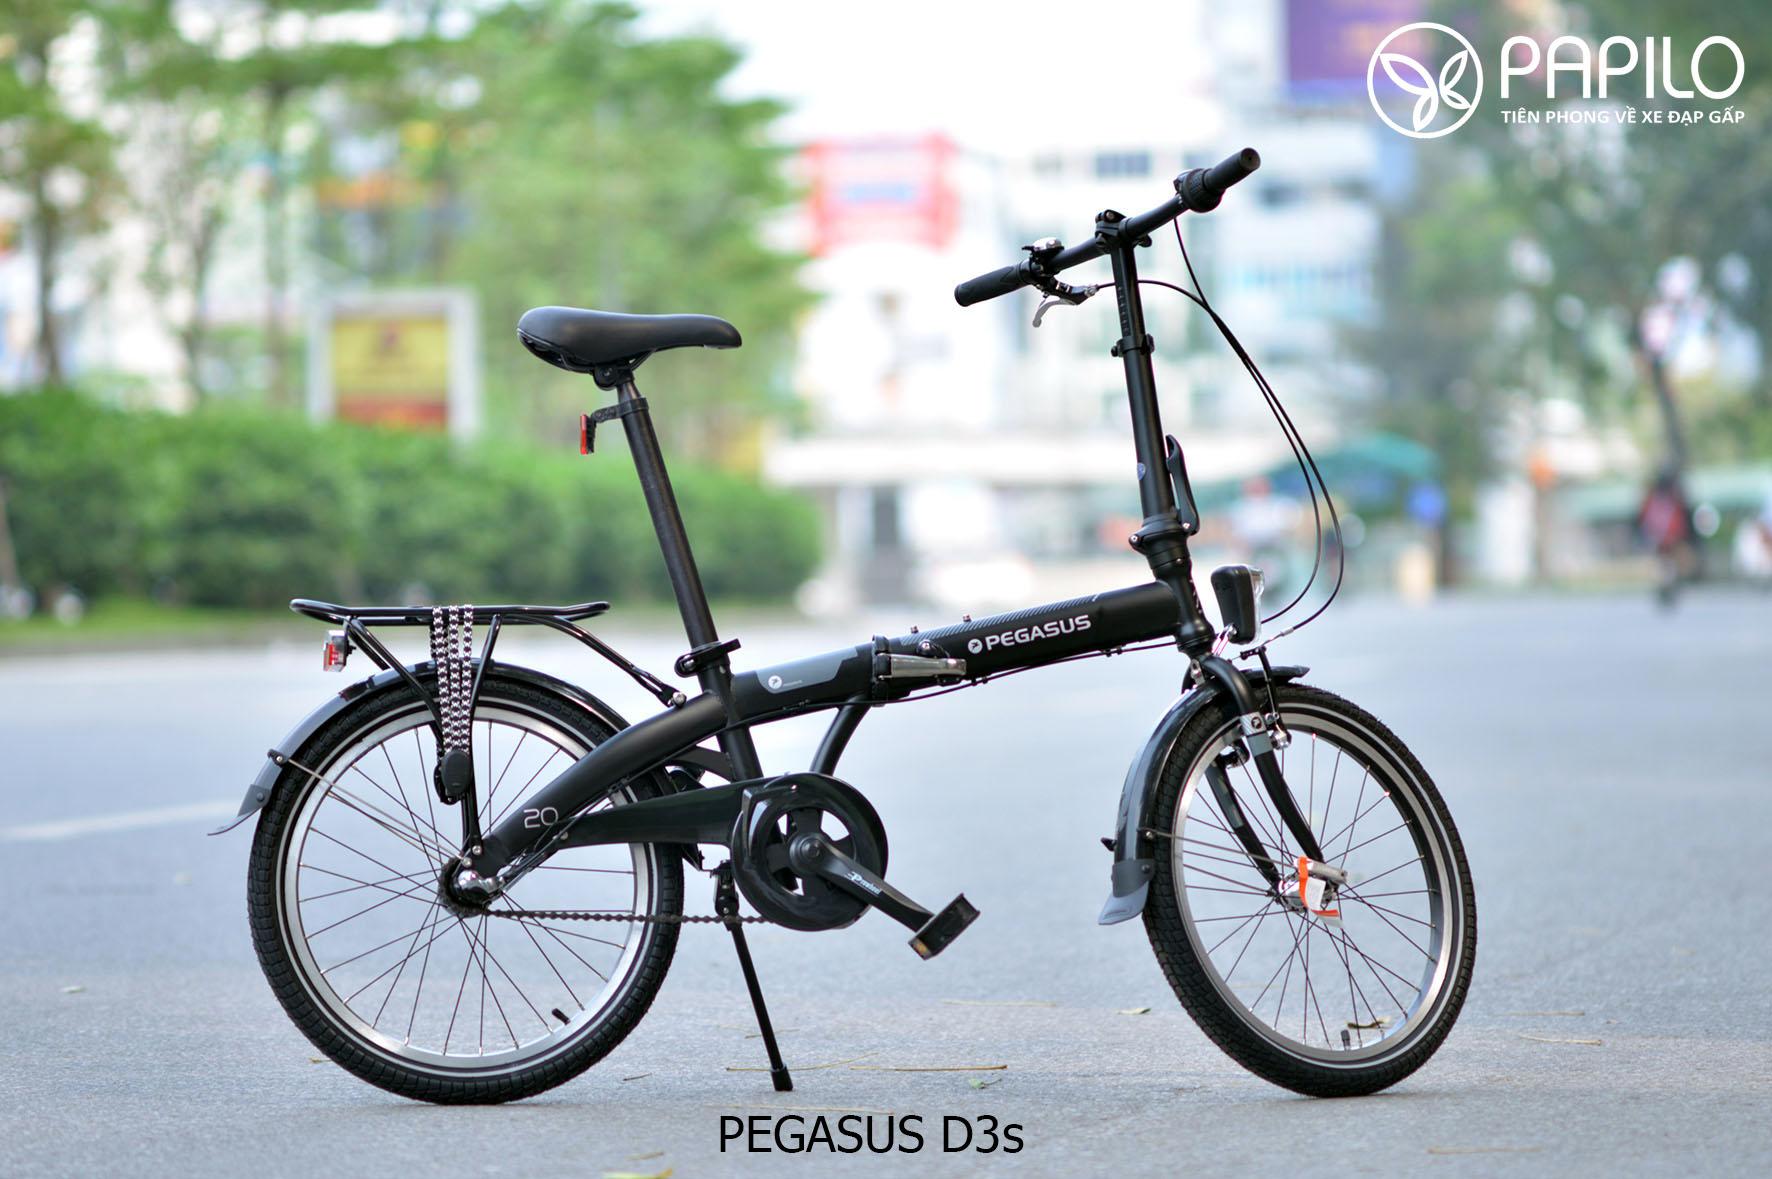 Pegasus D3s - Hãng xe đạp gấp nổi tiếng của Đức